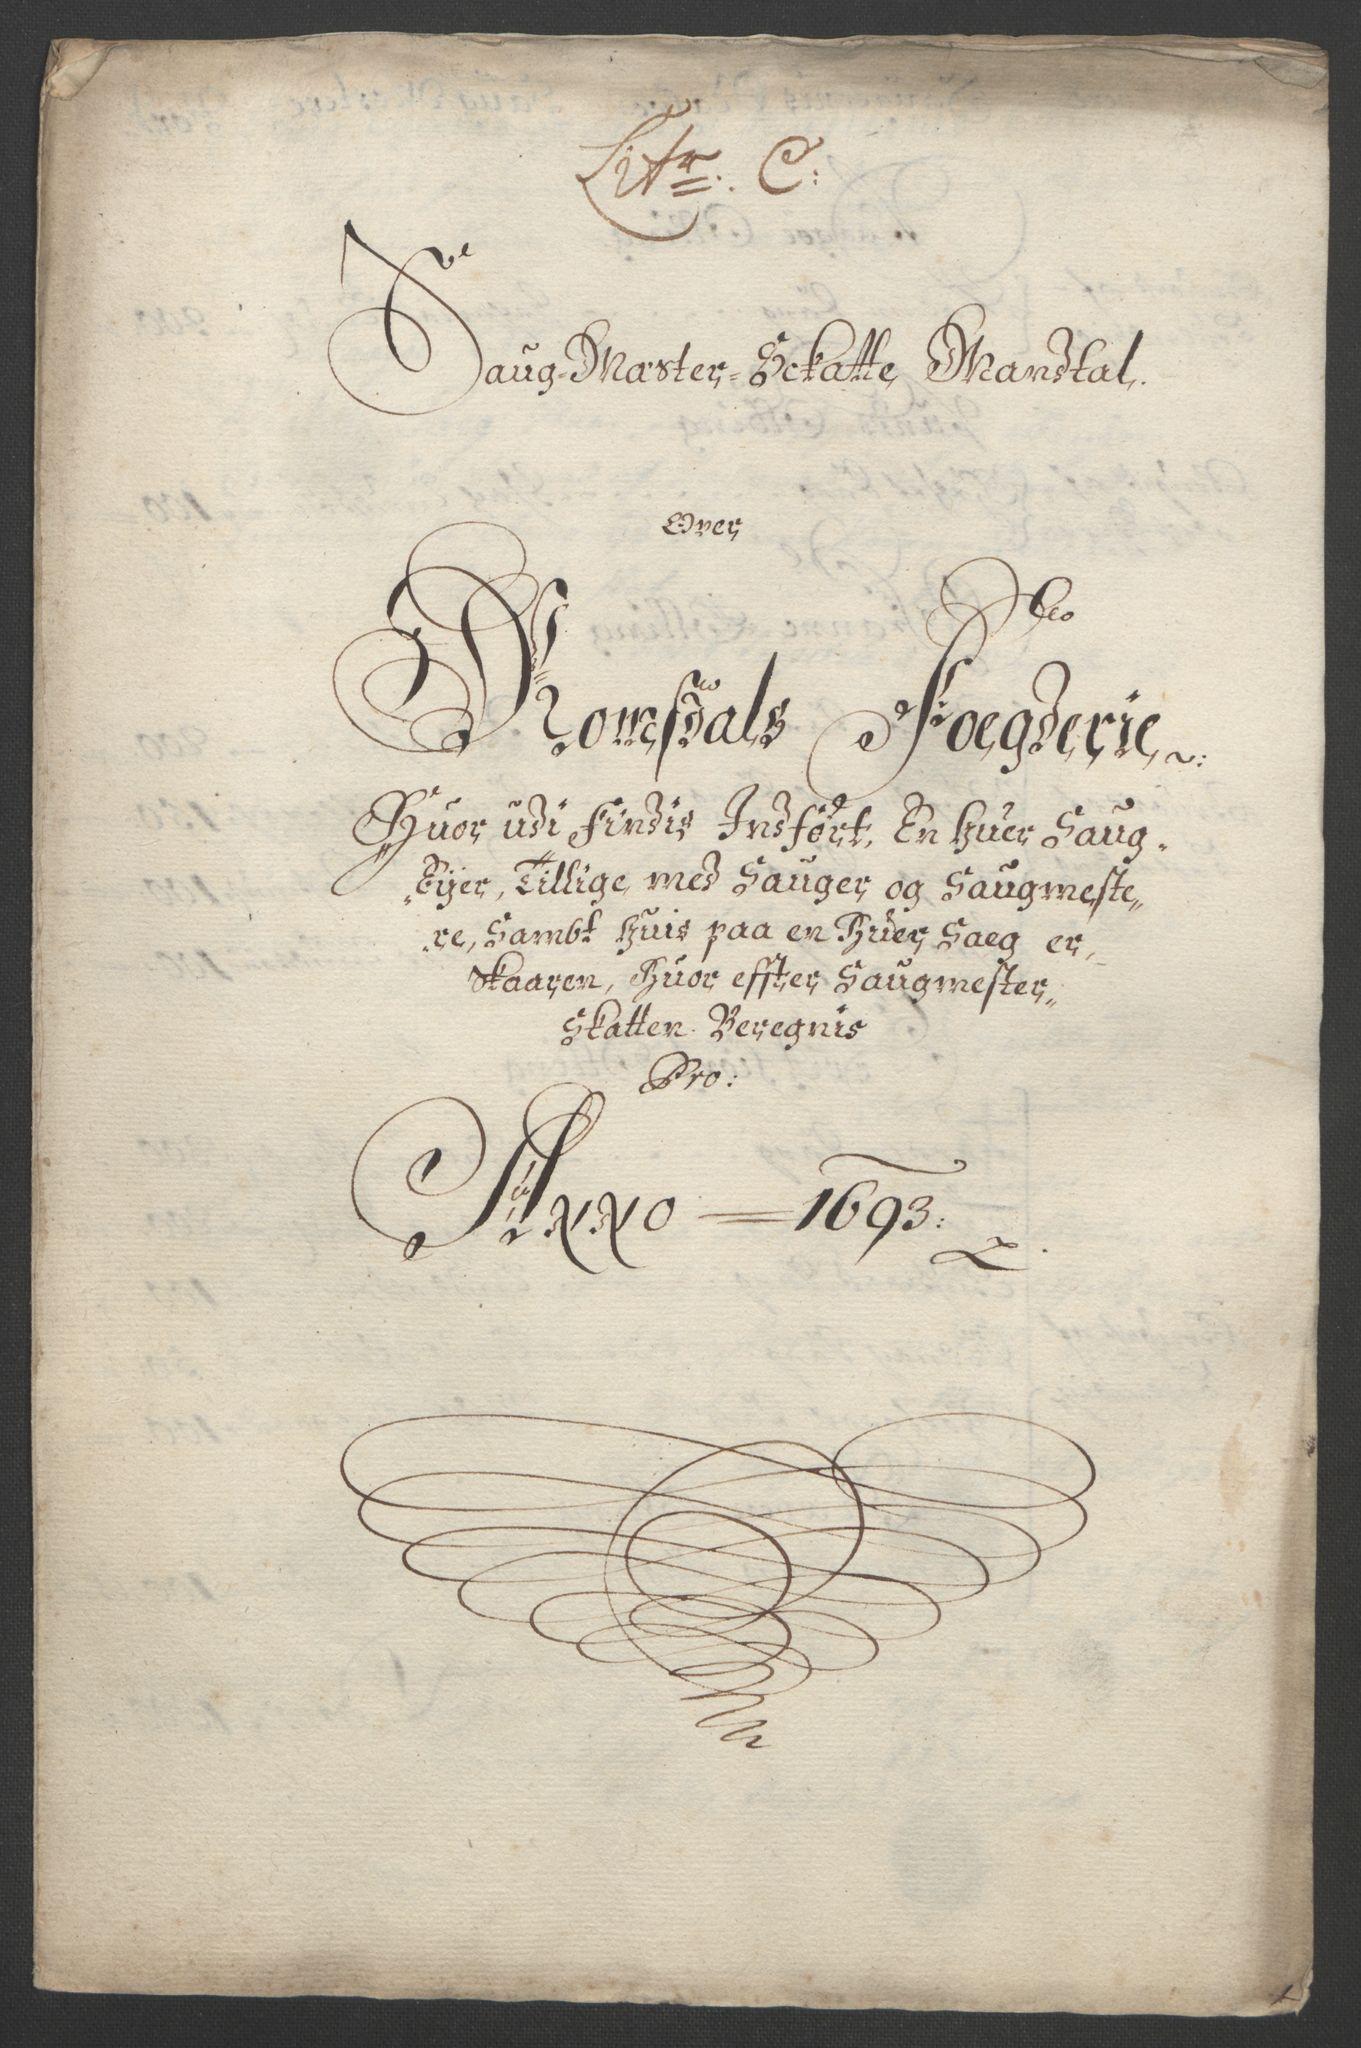 RA, Rentekammeret inntil 1814, Reviderte regnskaper, Fogderegnskap, R55/L3651: Fogderegnskap Romsdal, 1693-1694, s. 67